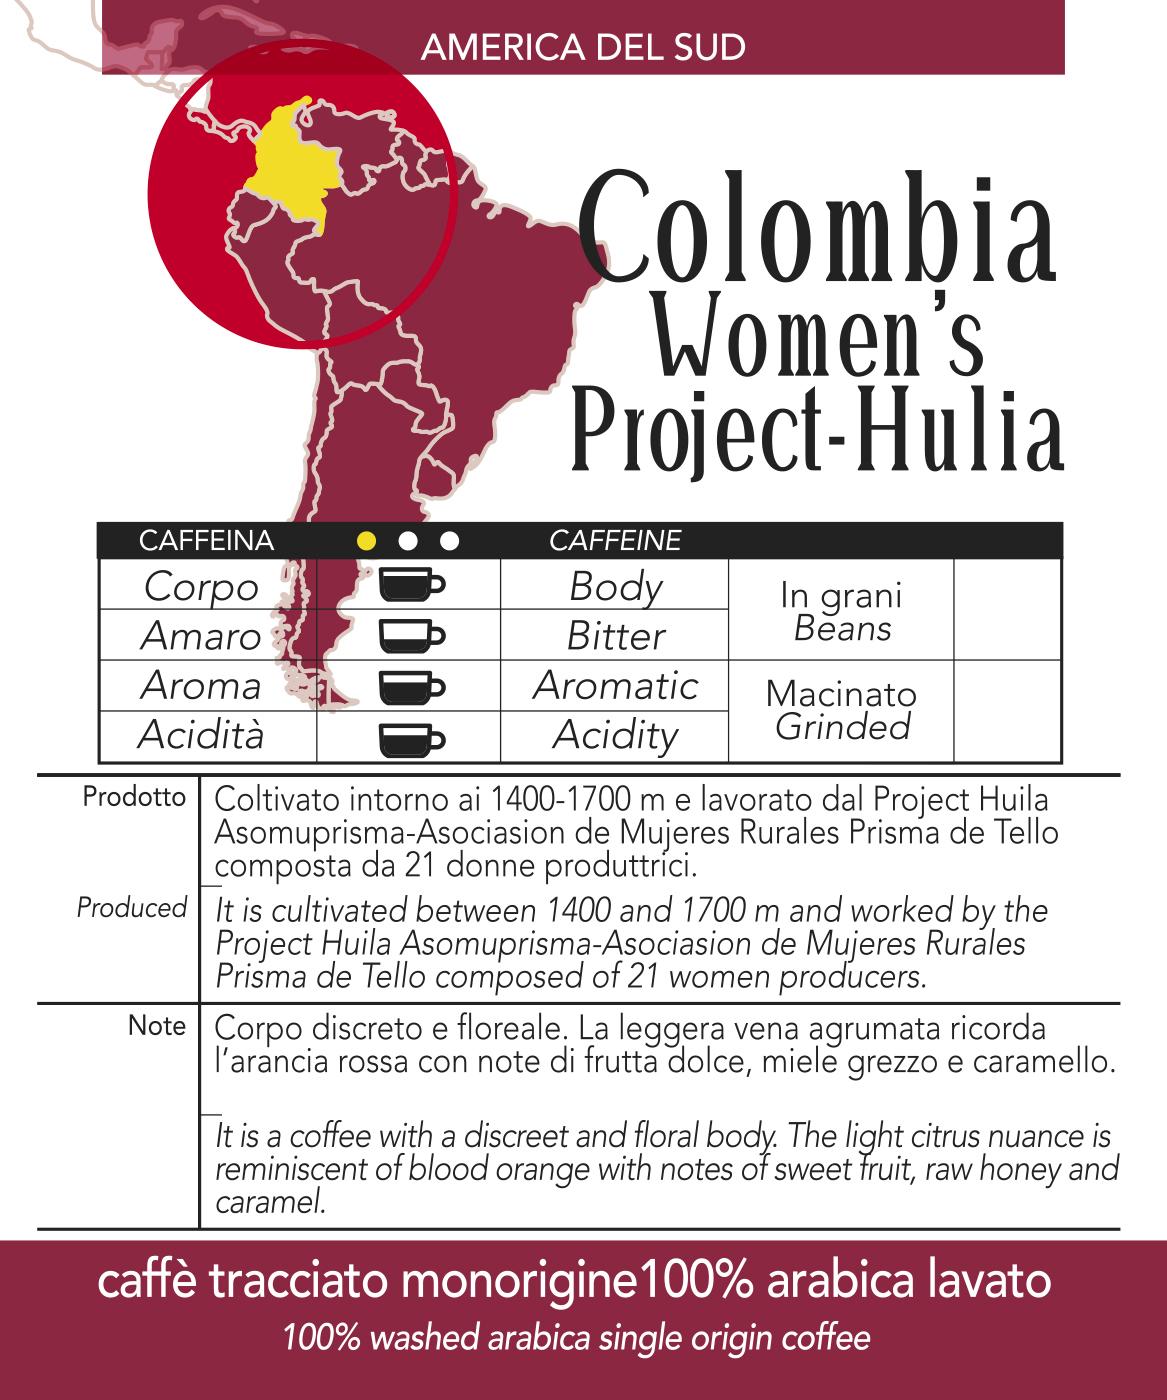 Caffè monorigine in cialda Colombia, confezione da n. 50 cialde in carta ese 44 mm compatibili